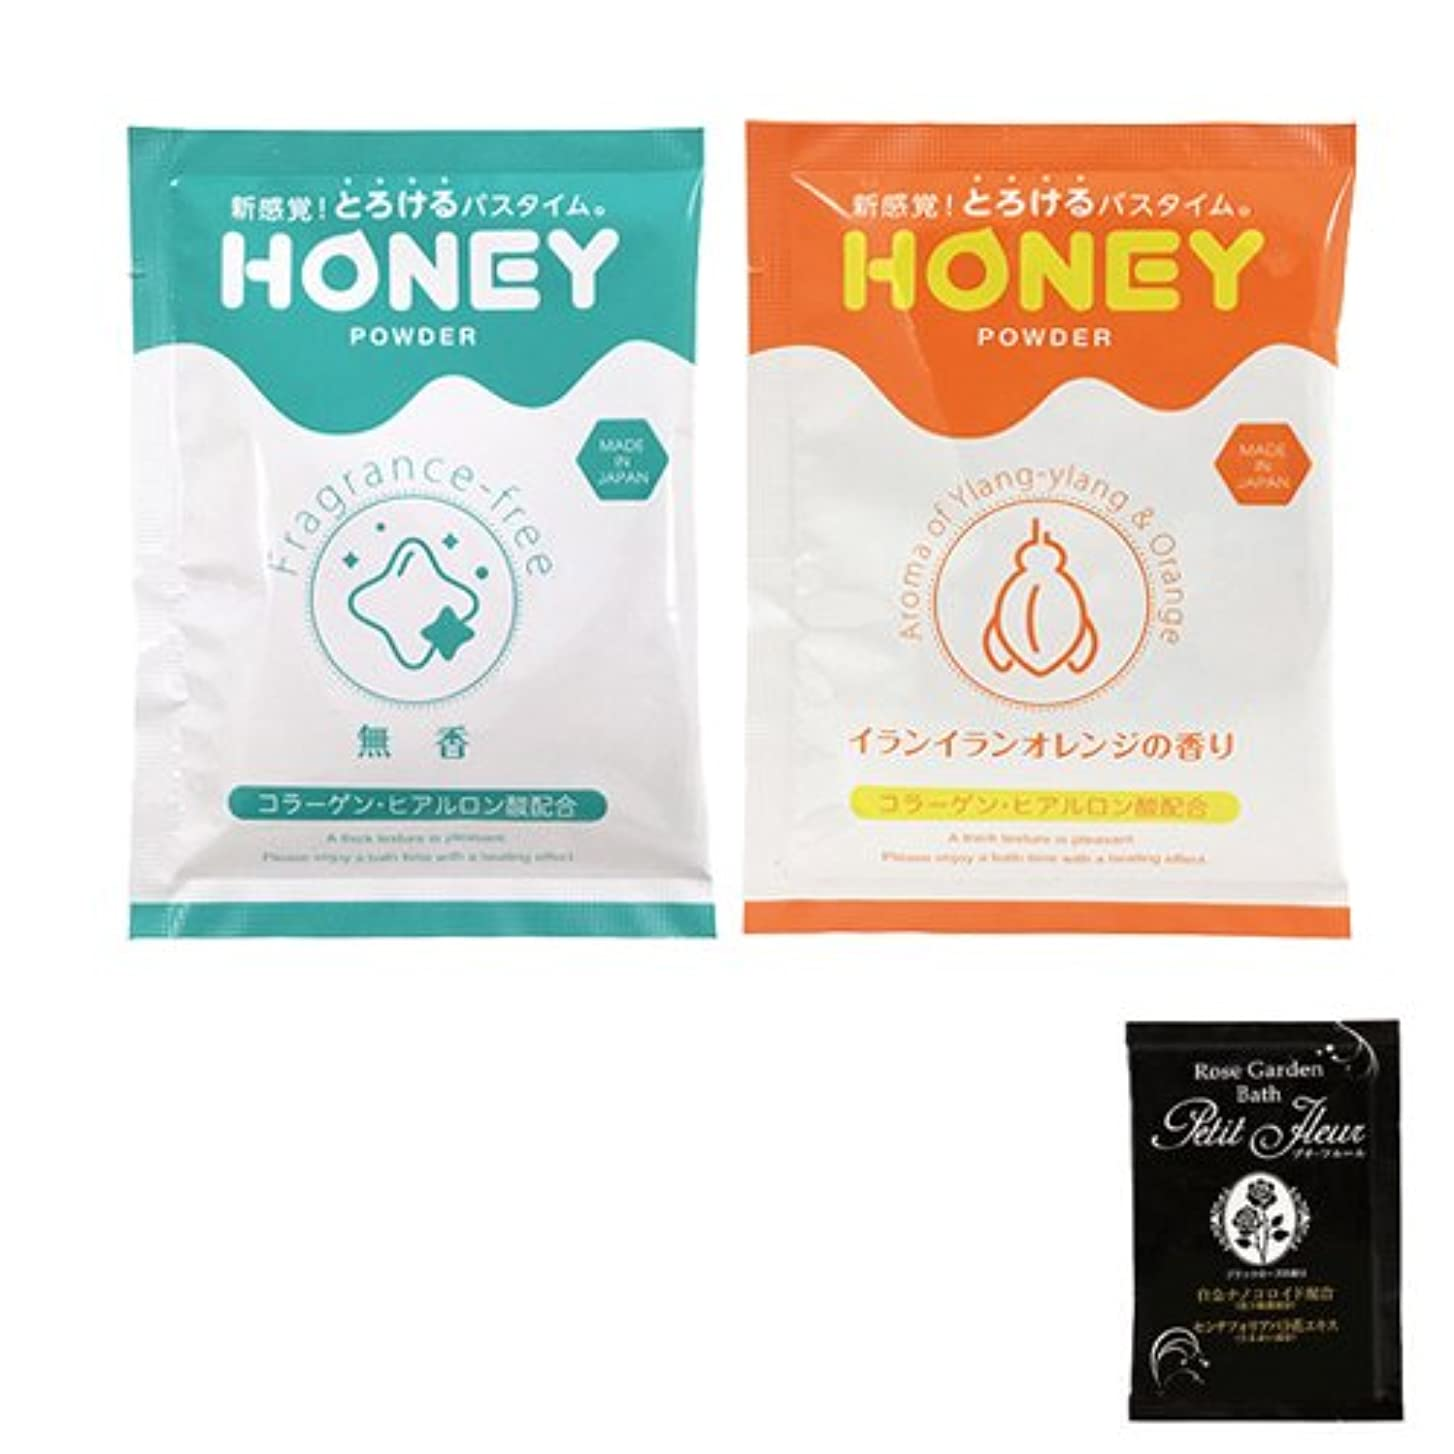 クール習字エスニックとろとろ入浴剤【honey powder】粉末タイプ イランイランオレンジの香り + 無香 + 入浴剤(プチフルール)1回分